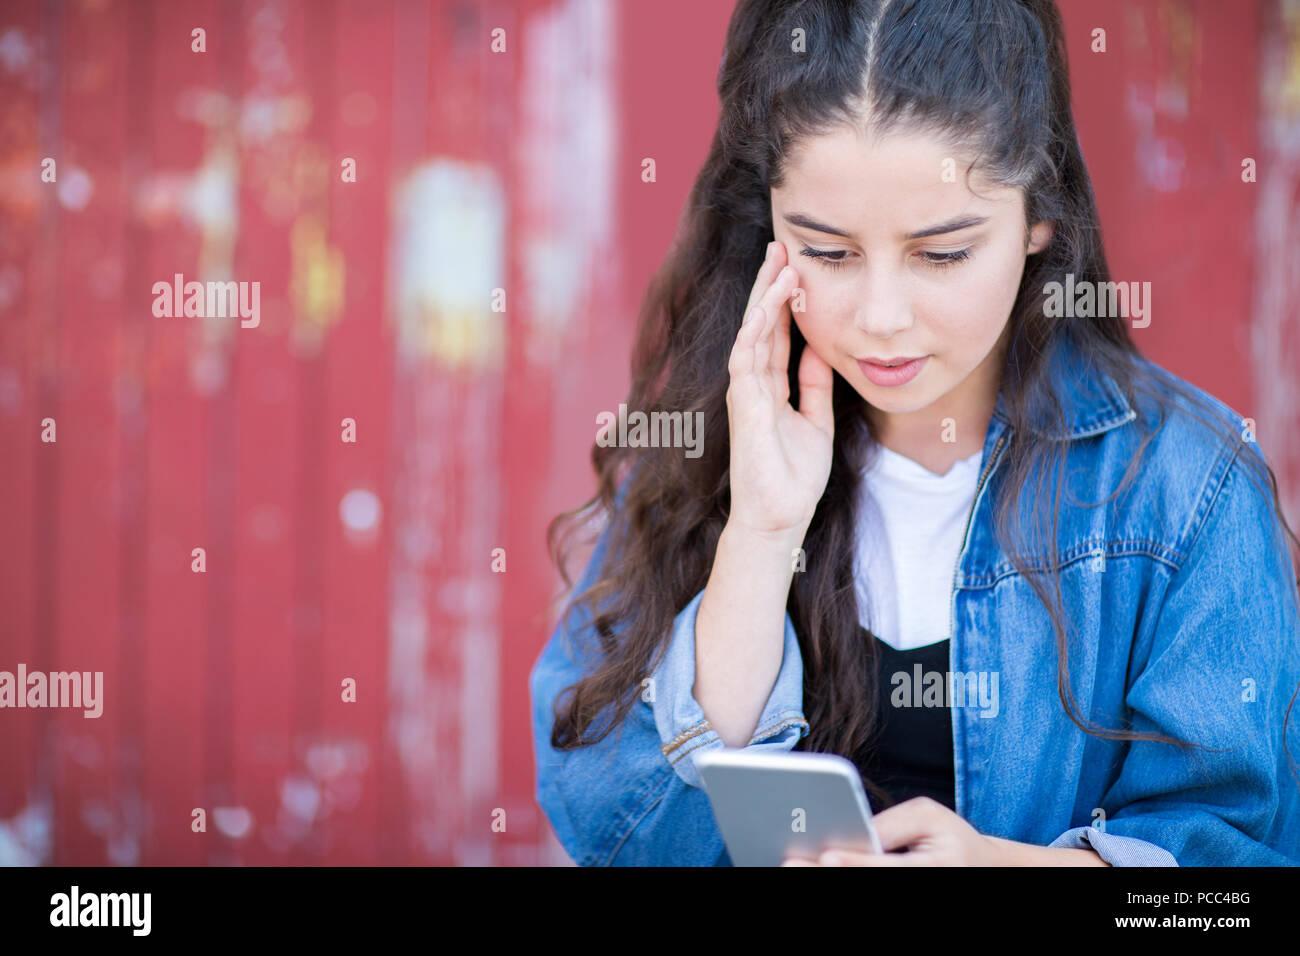 Ragazza adolescente vittima di bullismo mediante messaggio di testo all'aperto Immagini Stock